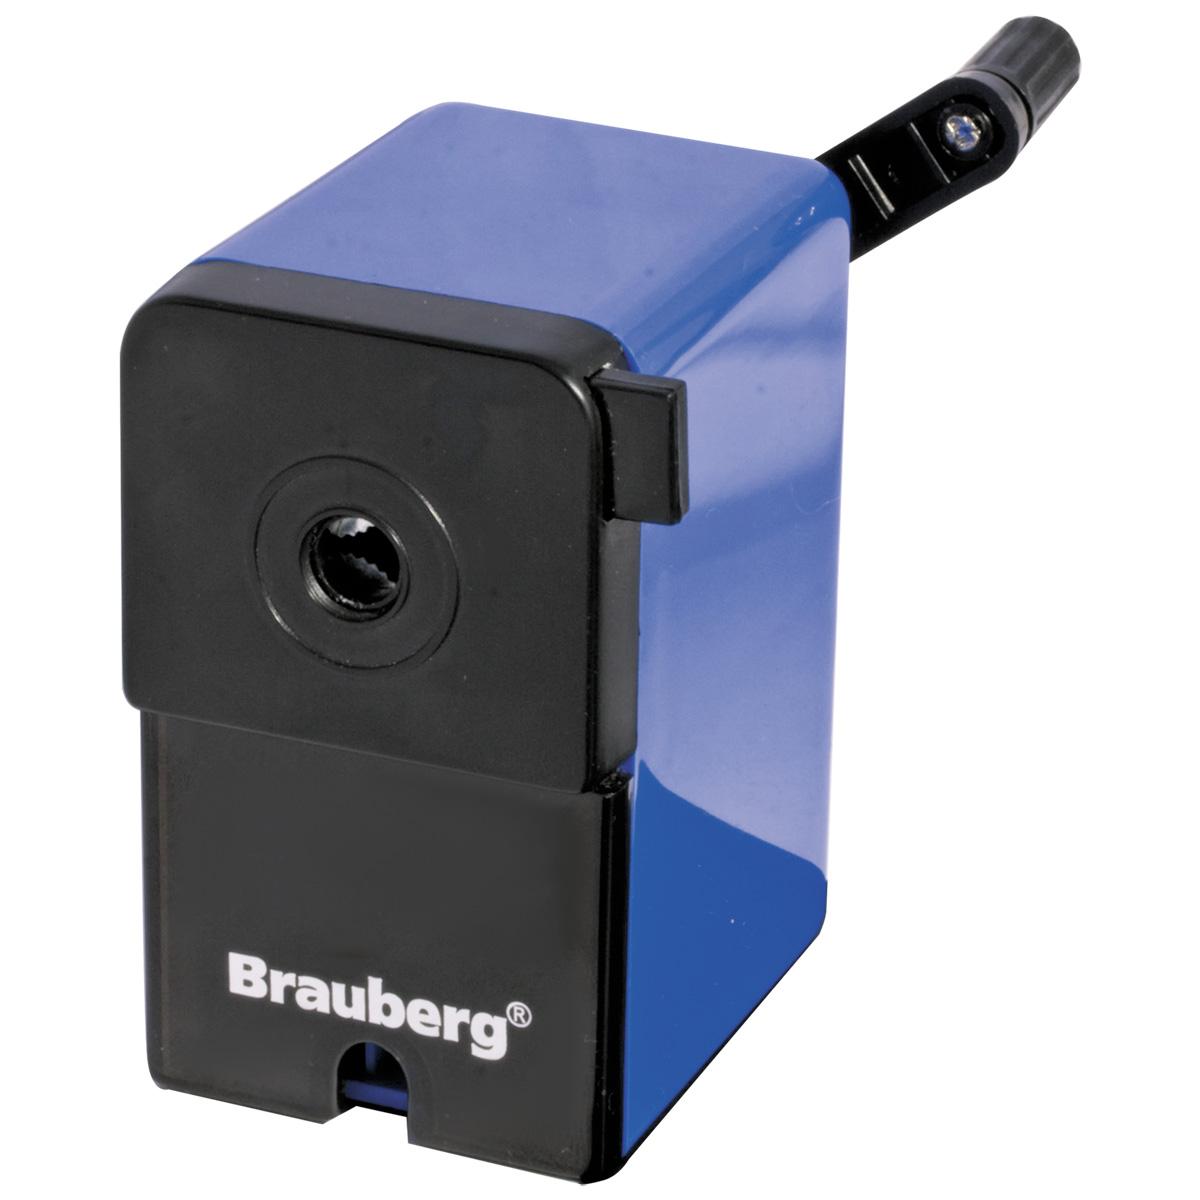 Brauberg Точилка RoboBlue222515Невероятно удобная и стильная точилка Brauberg RoboBlue. Вращающийся роликовый нож изготовлен из высококачественной стали, что обеспечивает великолепную заточку.Качественный металлический затачивающий механизм. Пластиковый корпус. Вместительный контейнер для сбора стружки. Специальный зажим для крепления к столу.